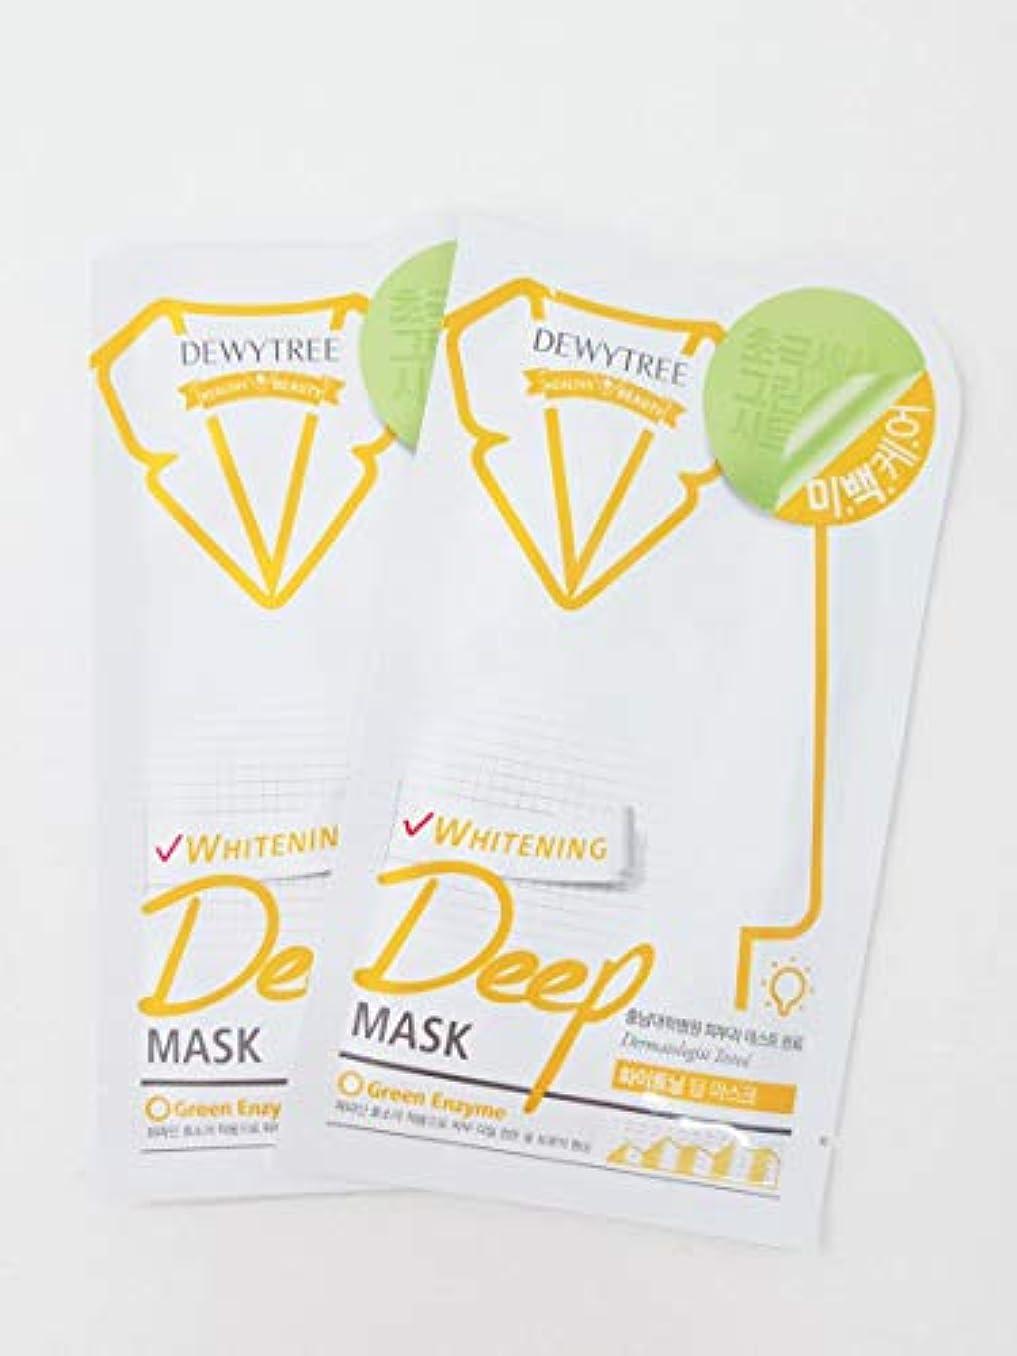 (デューイトゥリー) DEWYTREE ホワイトニングディープマスク 20枚 Whitening Deep Mask 韓国マスクパック (並行輸入品)